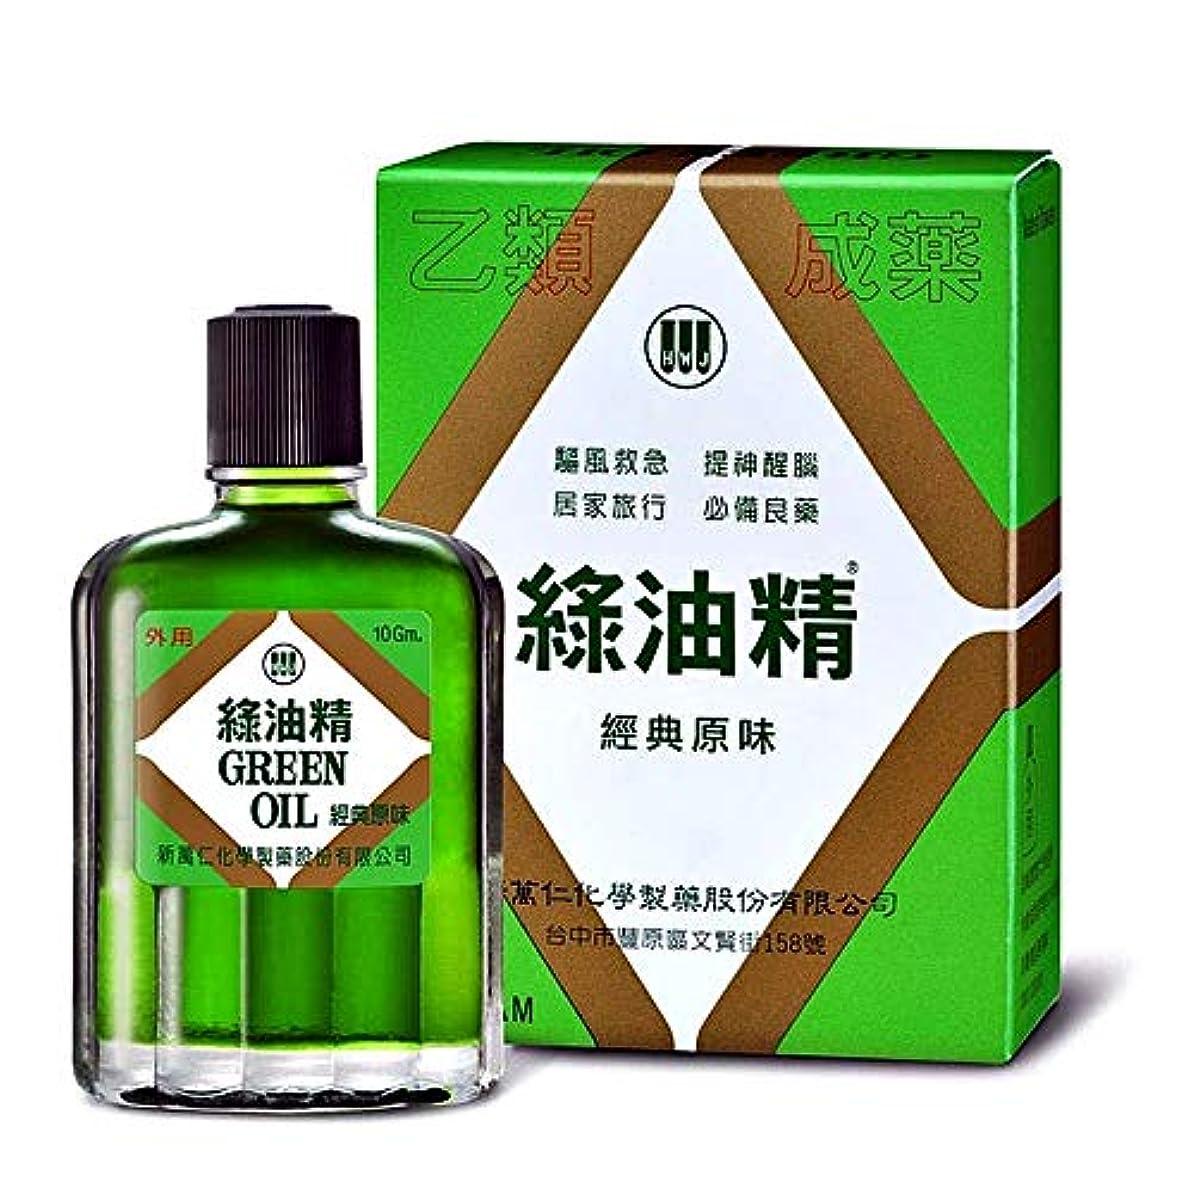 祭り見かけ上超えて《新萬仁》台湾の万能グリーンオイル 緑油精 10g 《台湾 お土産》 [並行輸入品]